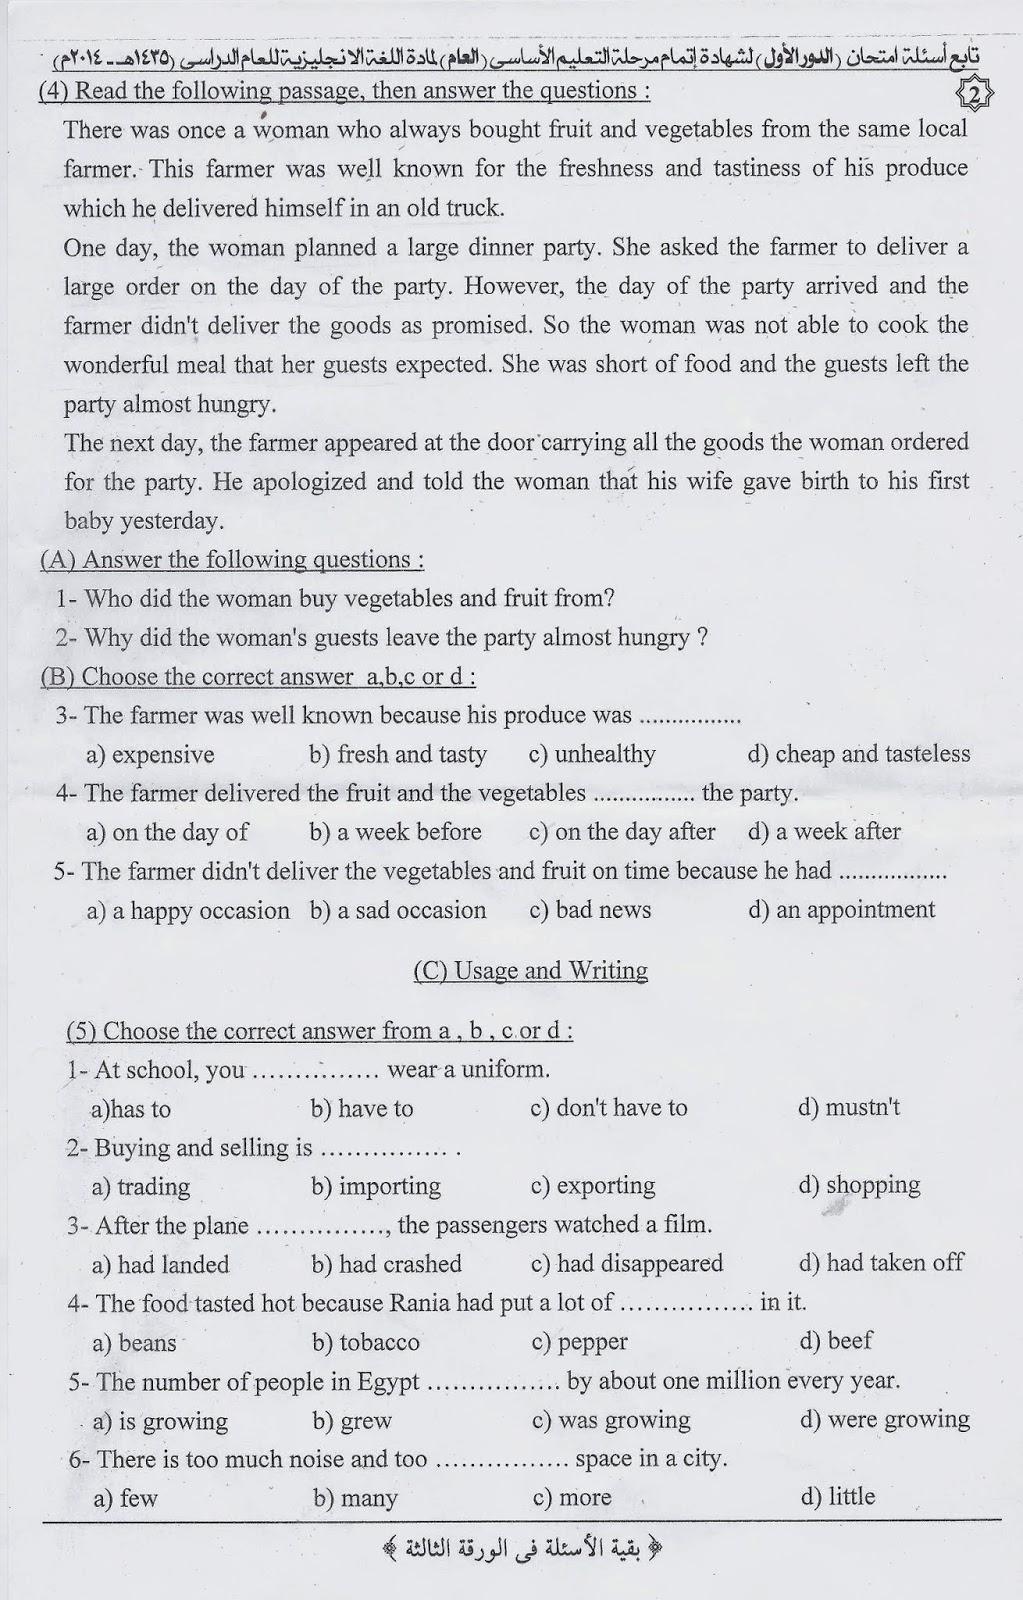 امتحان اللغة الانجليزية والاجابة النموذجية للشهادة الاعدادية الترم الثانى 2014 scan0001.jpg